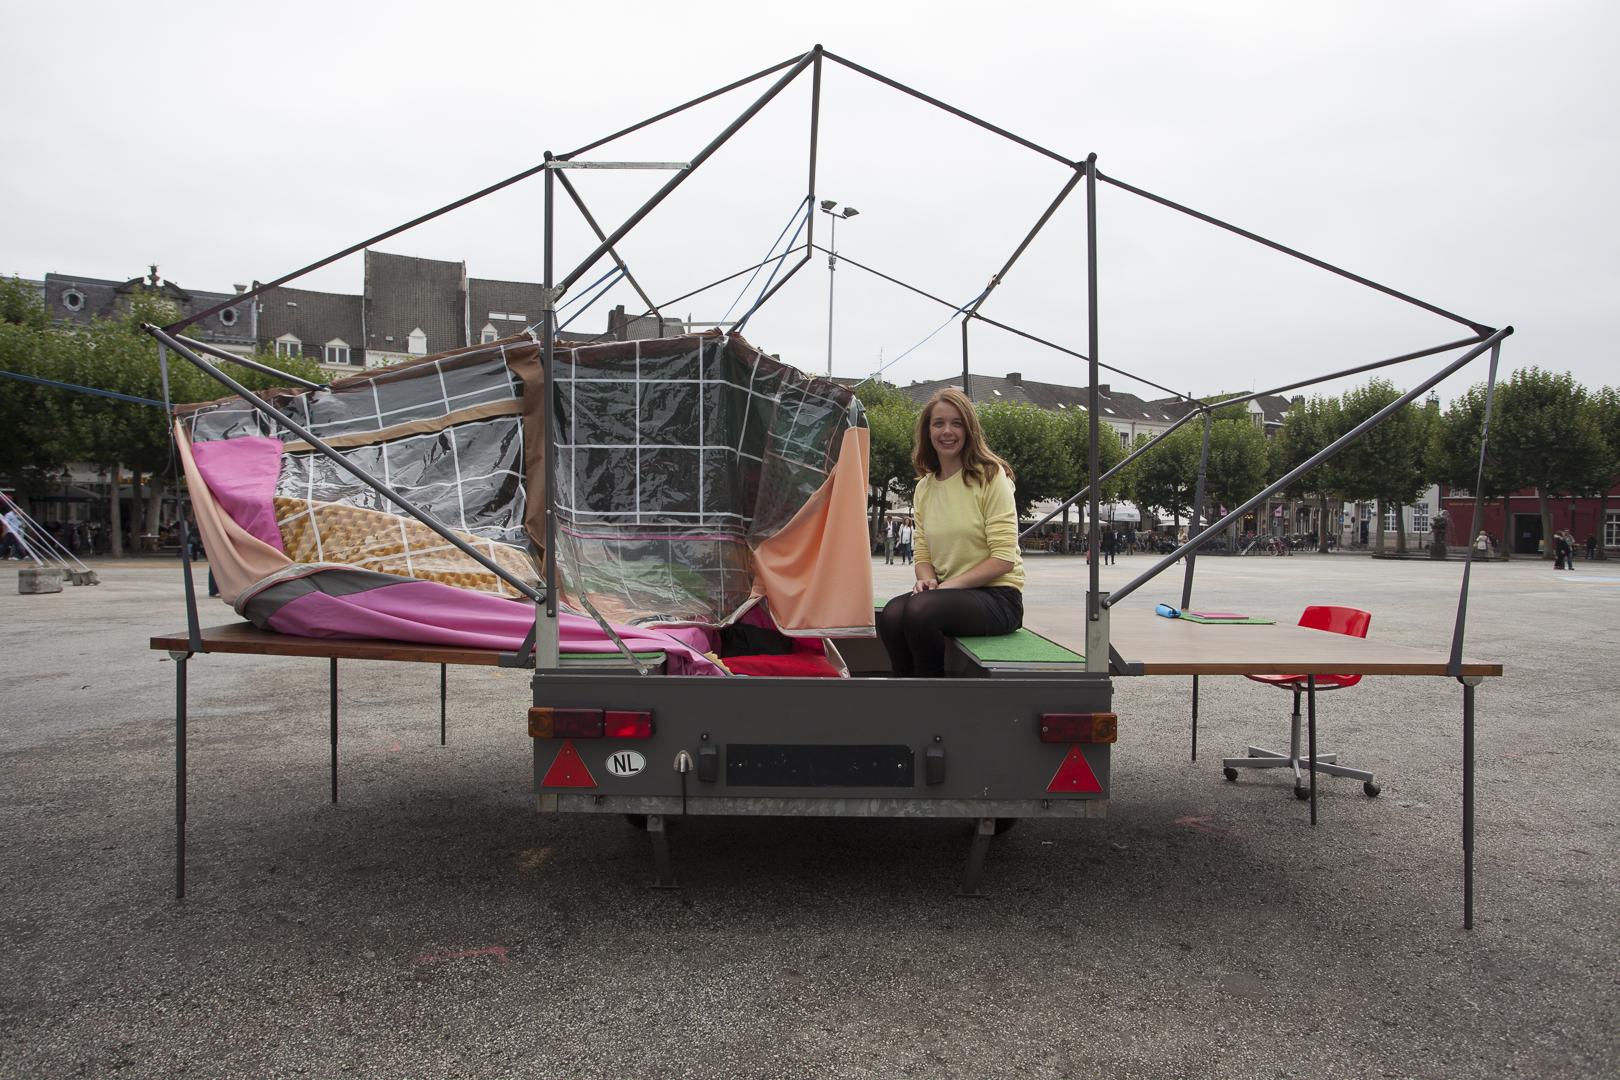 BohV15 - Krista Smulders - De gelukkige zak 02 (c) The Artist - Foto Ivd Brekel.jpg